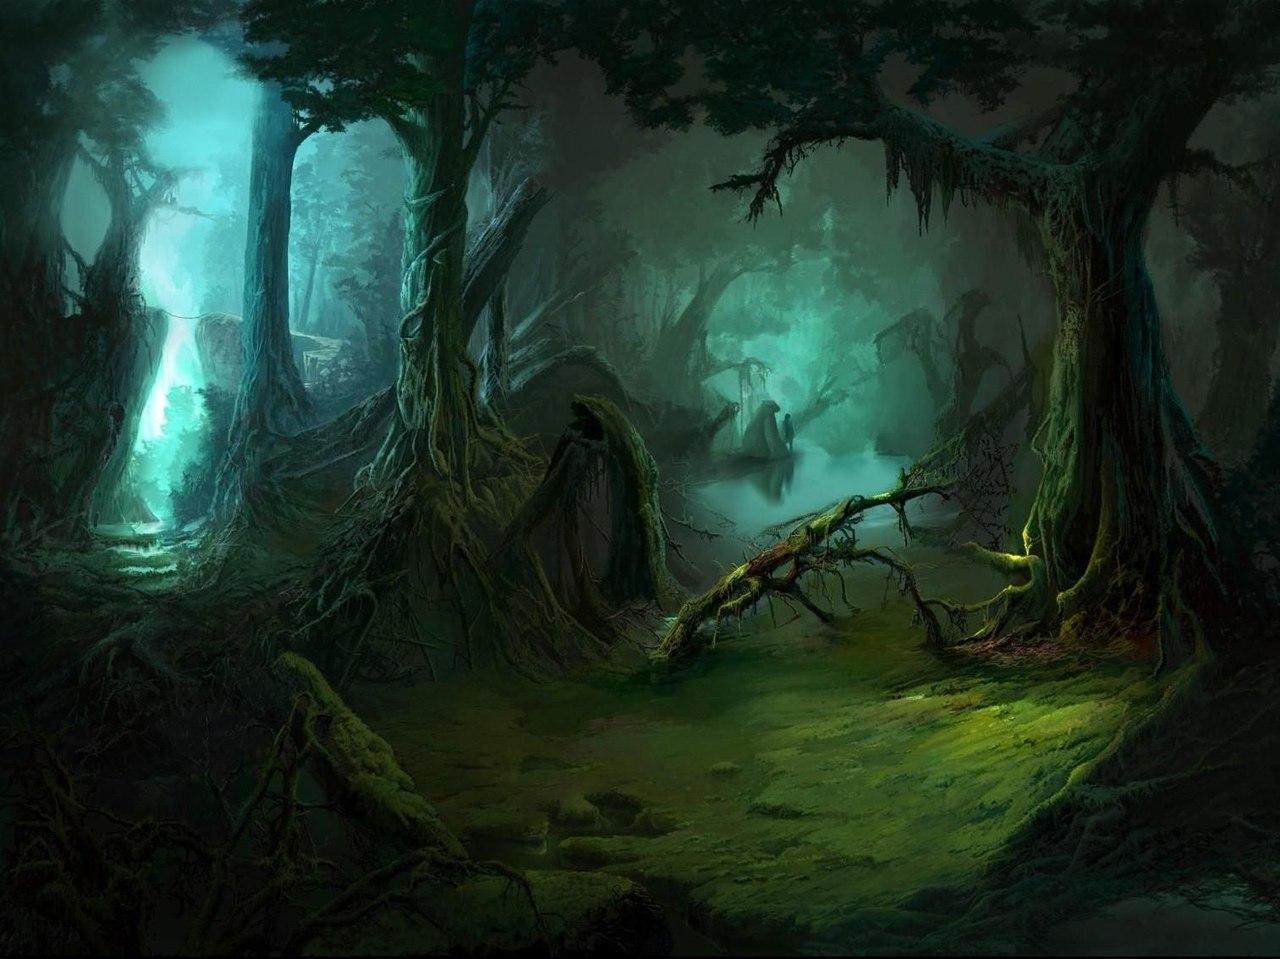 [Оникс] Встреча в лесу XyIM3yb0CSw